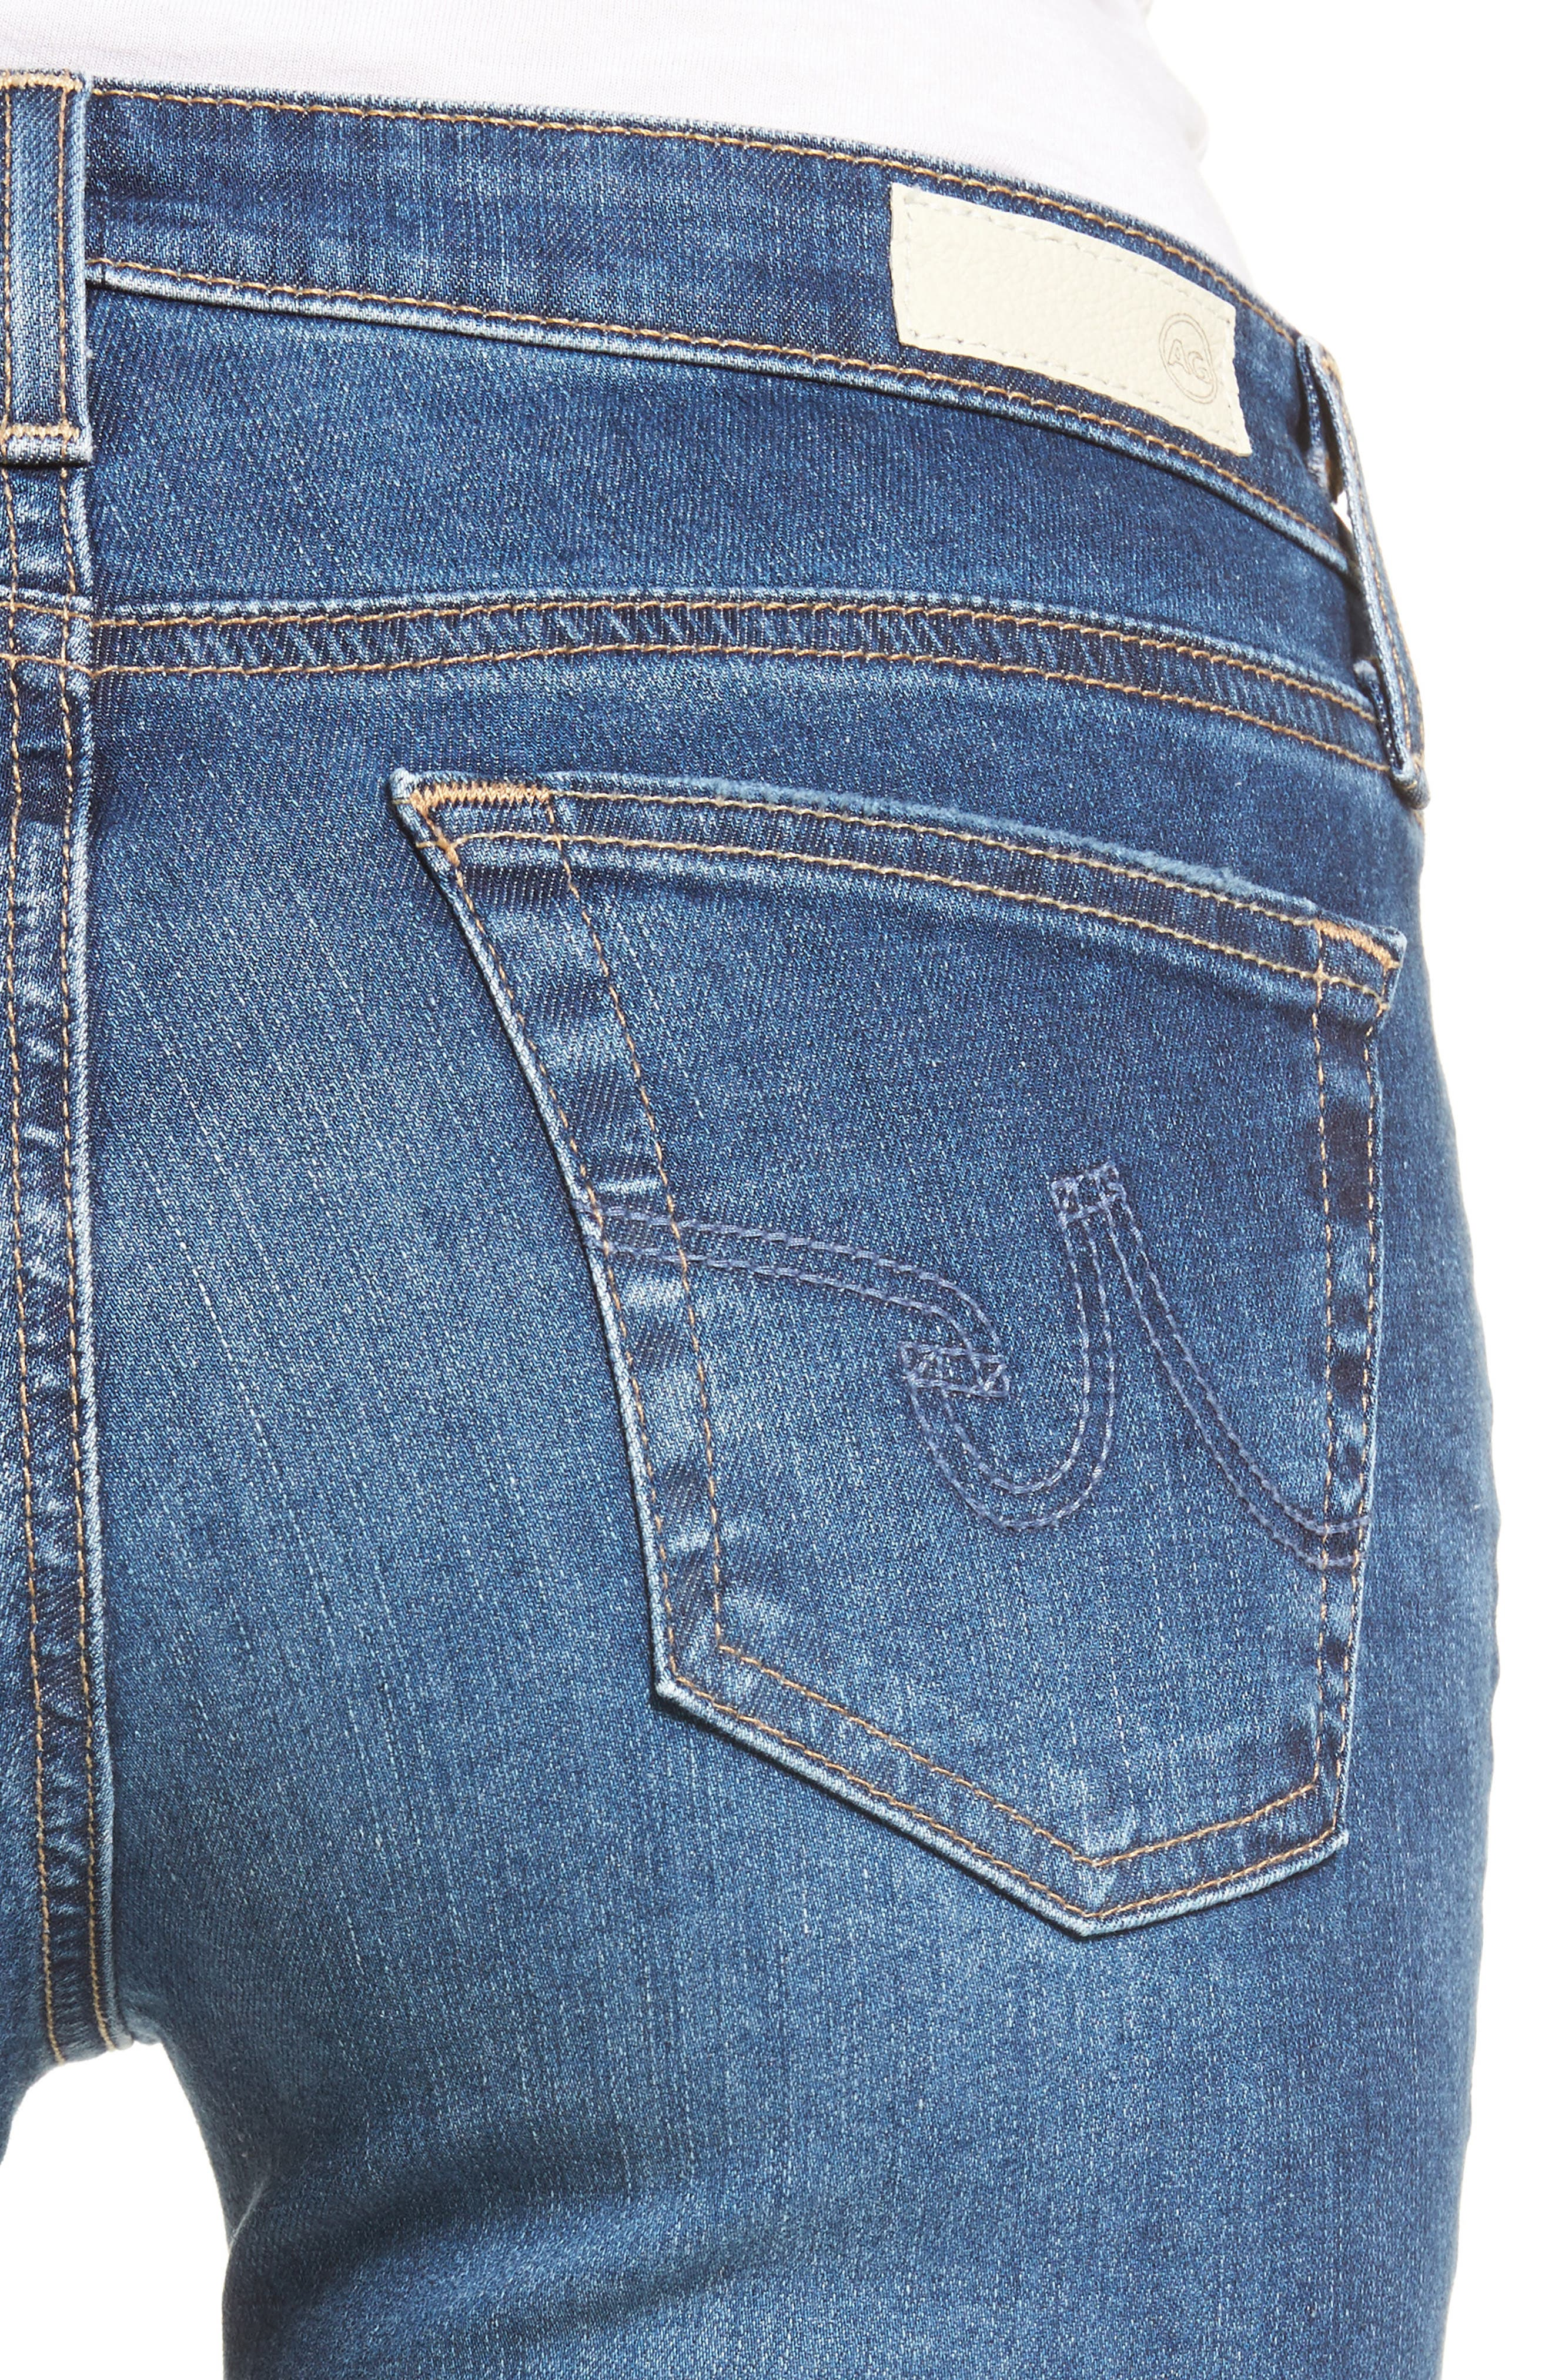 Alternate Image 4  - AG The Legging Super Skinny Jeans (13 Years Daybreak Destroyed)